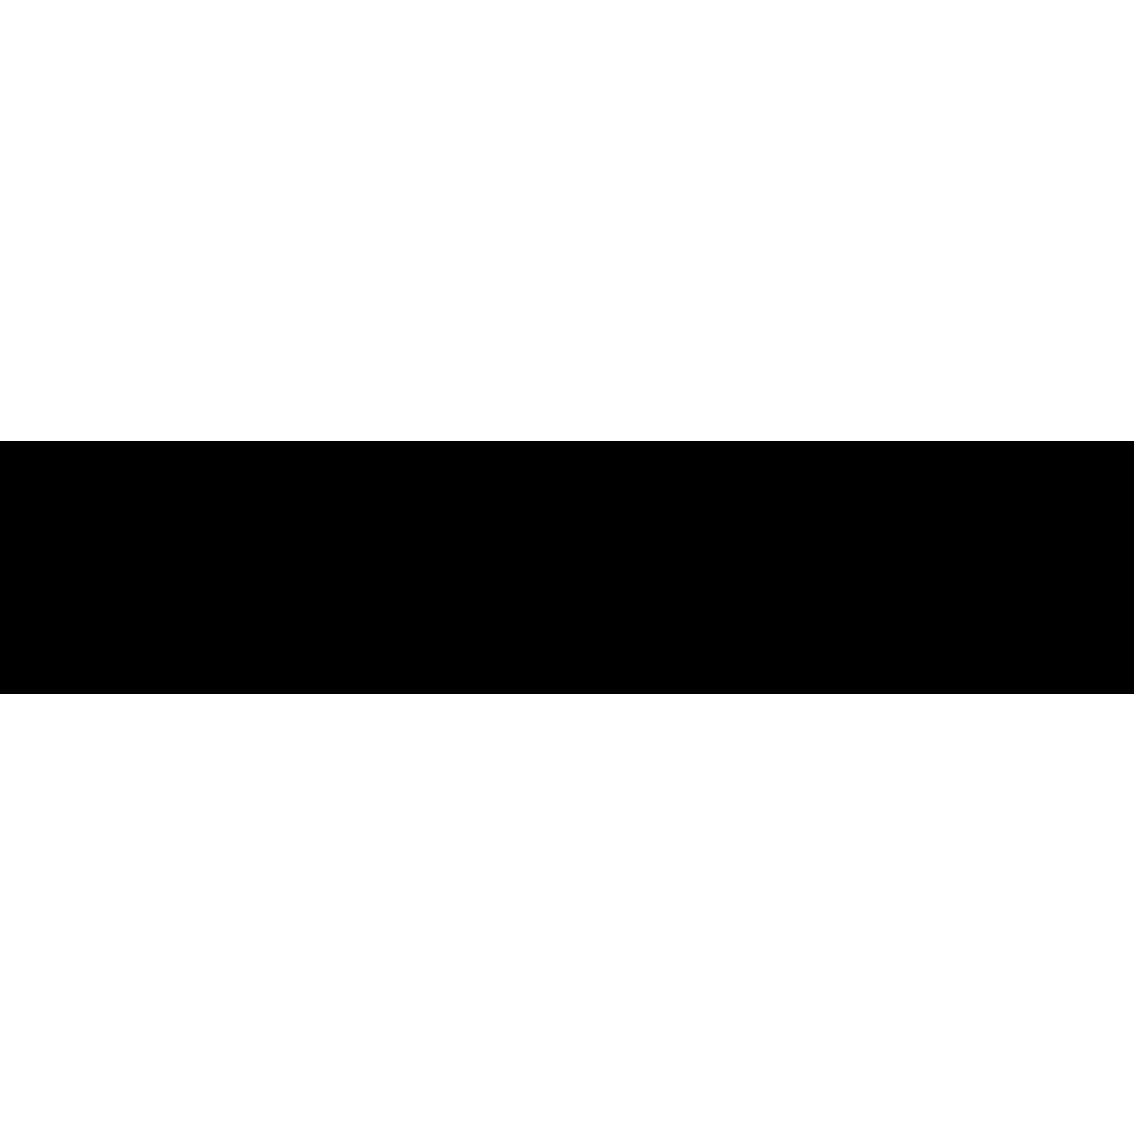 carstens-logo